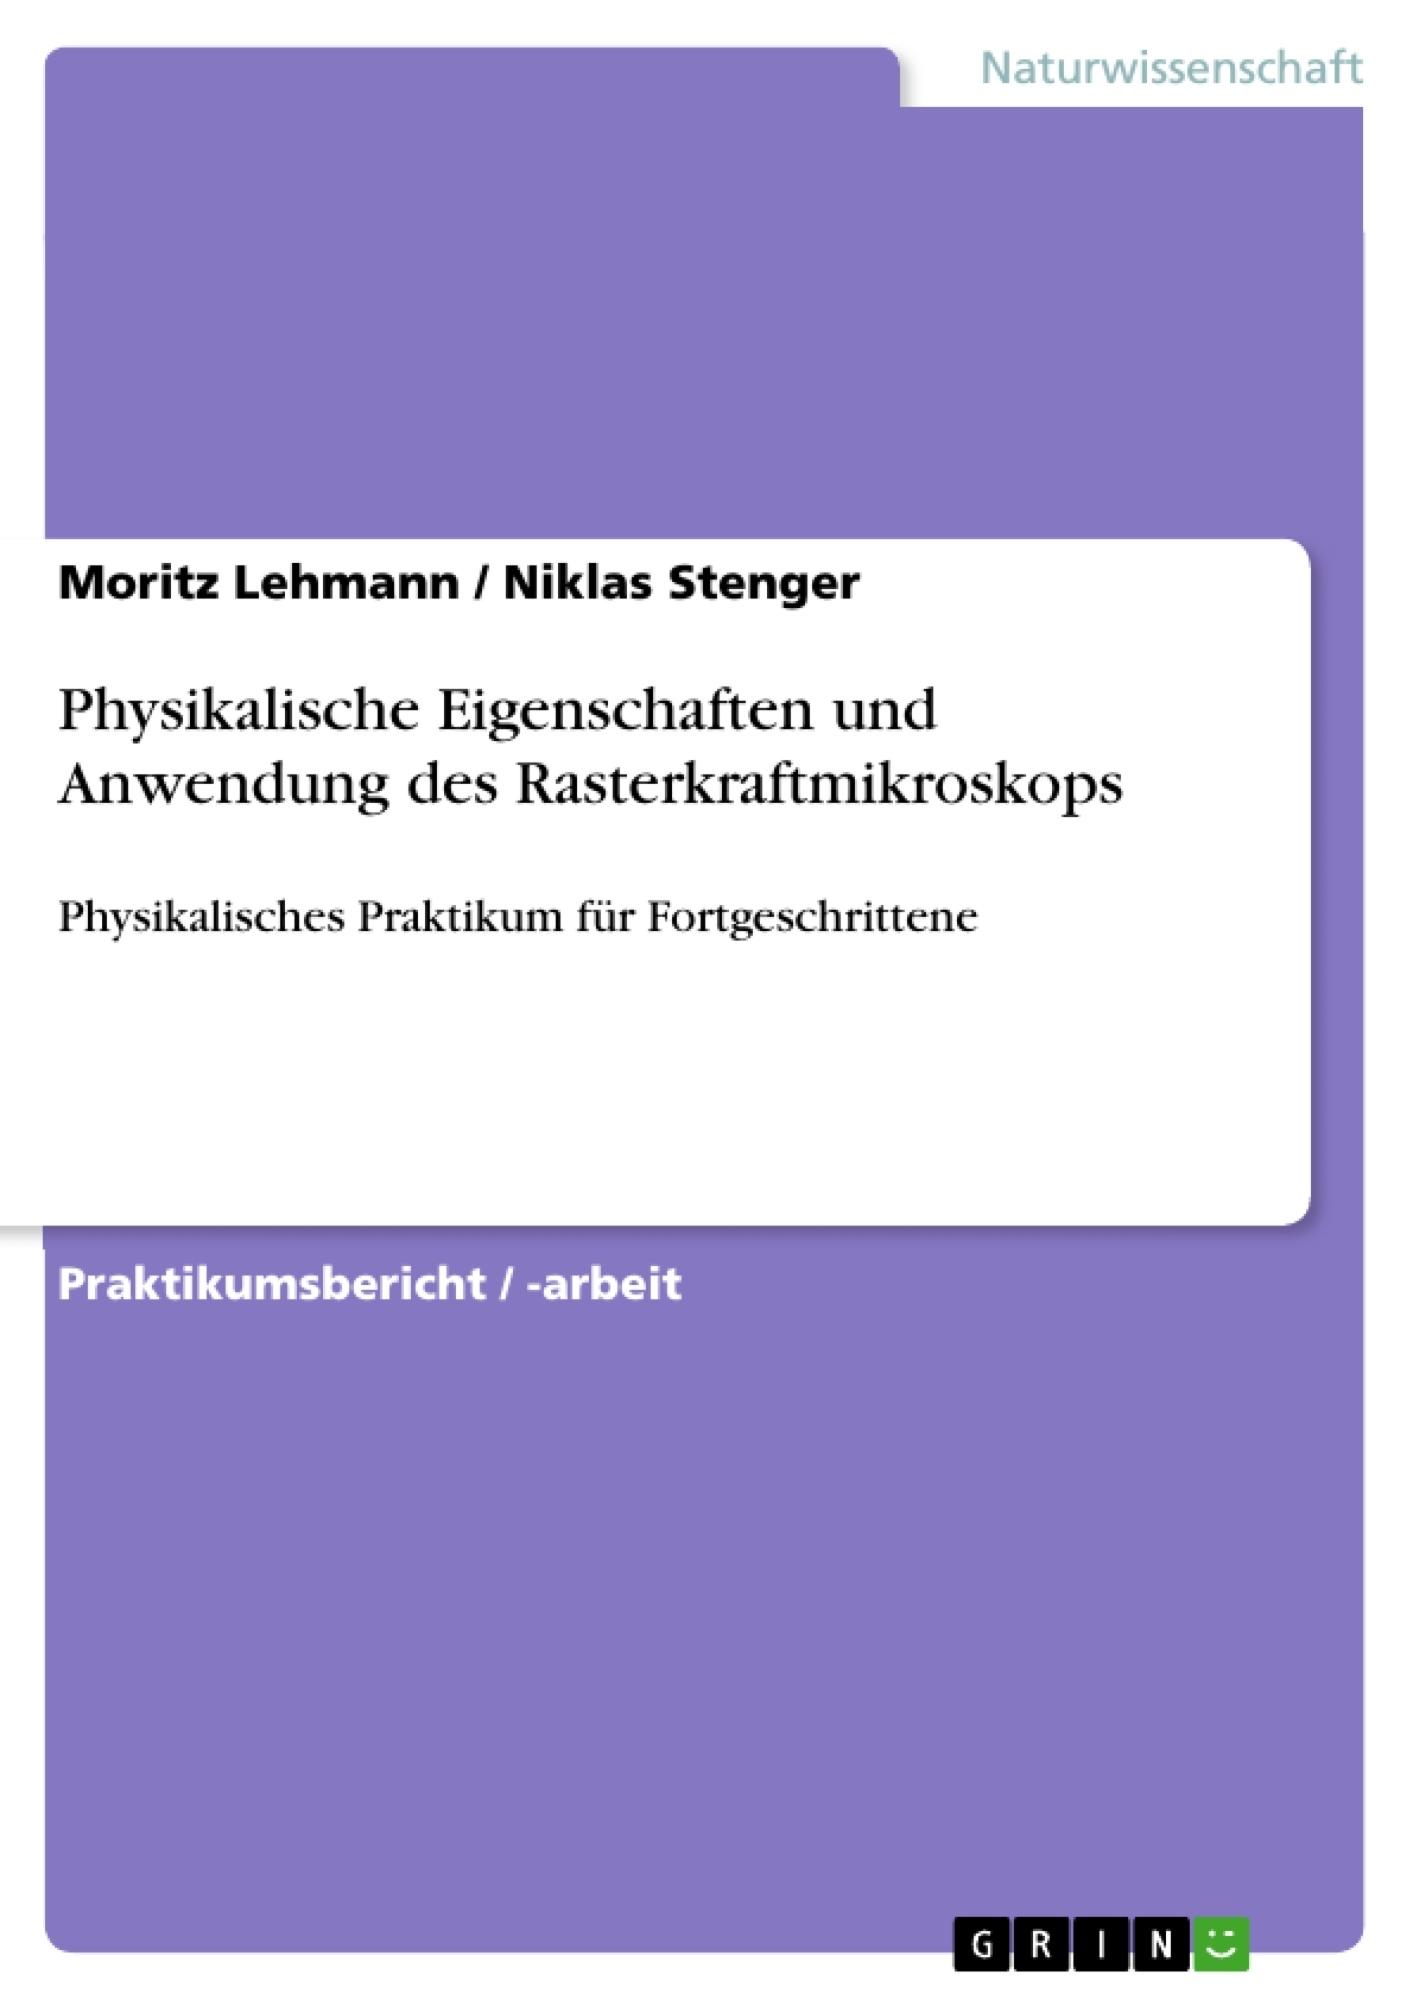 Titel: Physikalische Eigenschaften und Anwendung des Rasterkraftmikroskops